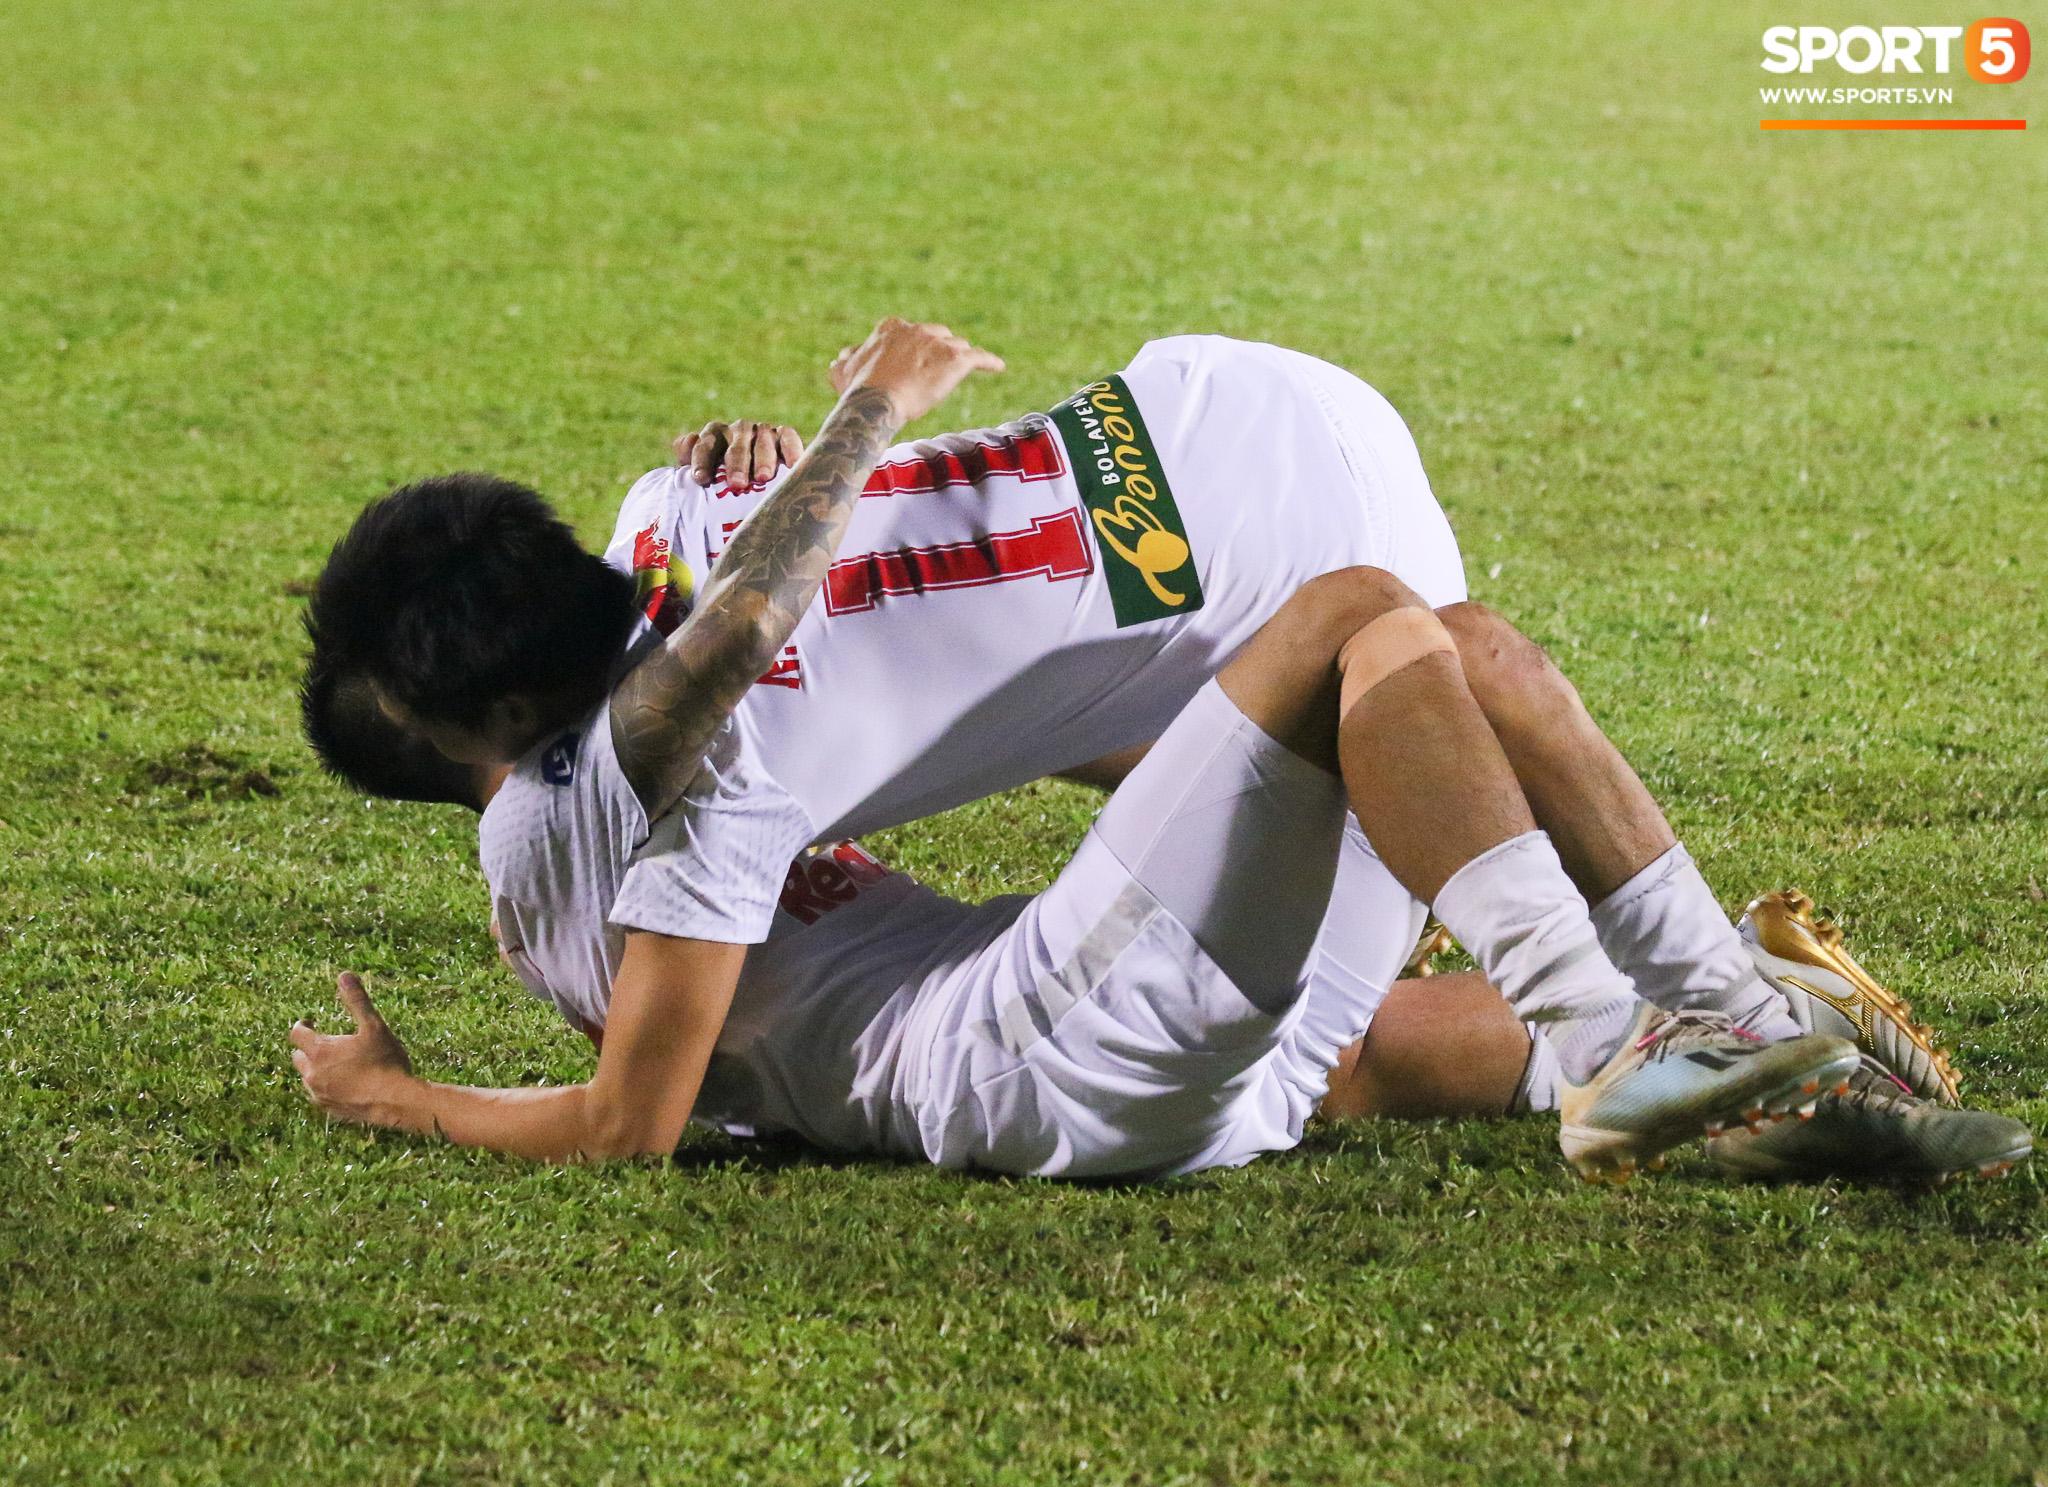 Nguyễn Tuấn Anh ăn mừng cực dị cùng Hữu Tuấn sau trận thắng Hà Nội FC - ảnh 3